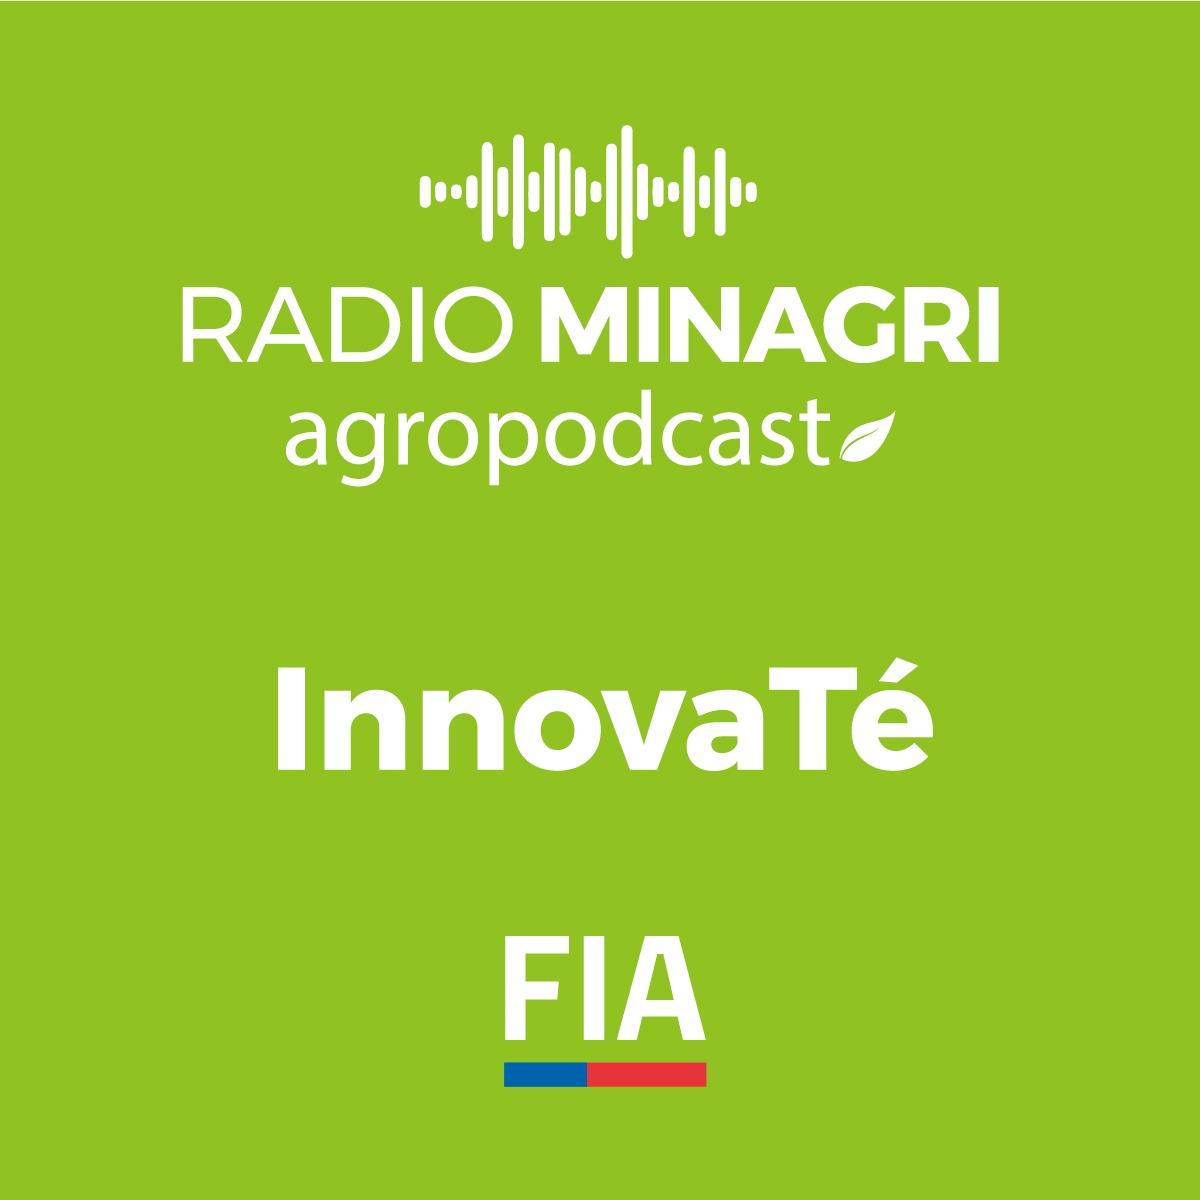 InnovaTé – Episodio 26: Forestación con híbridos de roble-raulí